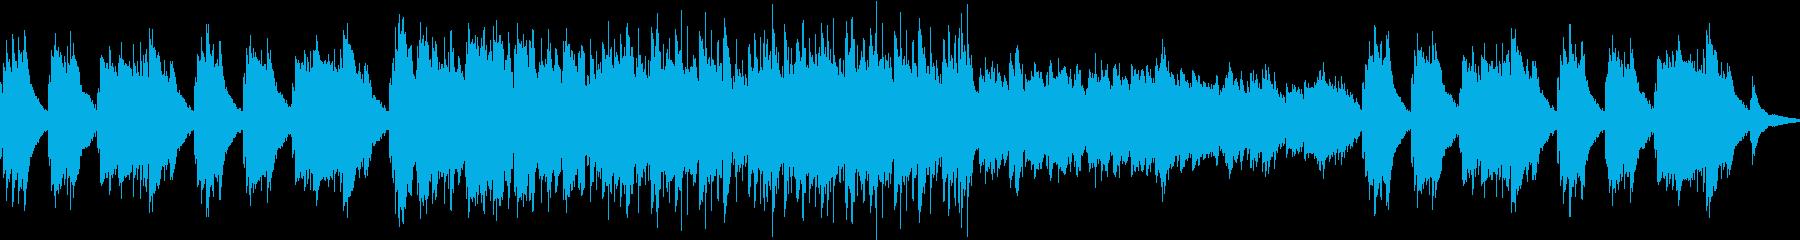 Piano  musicの再生済みの波形